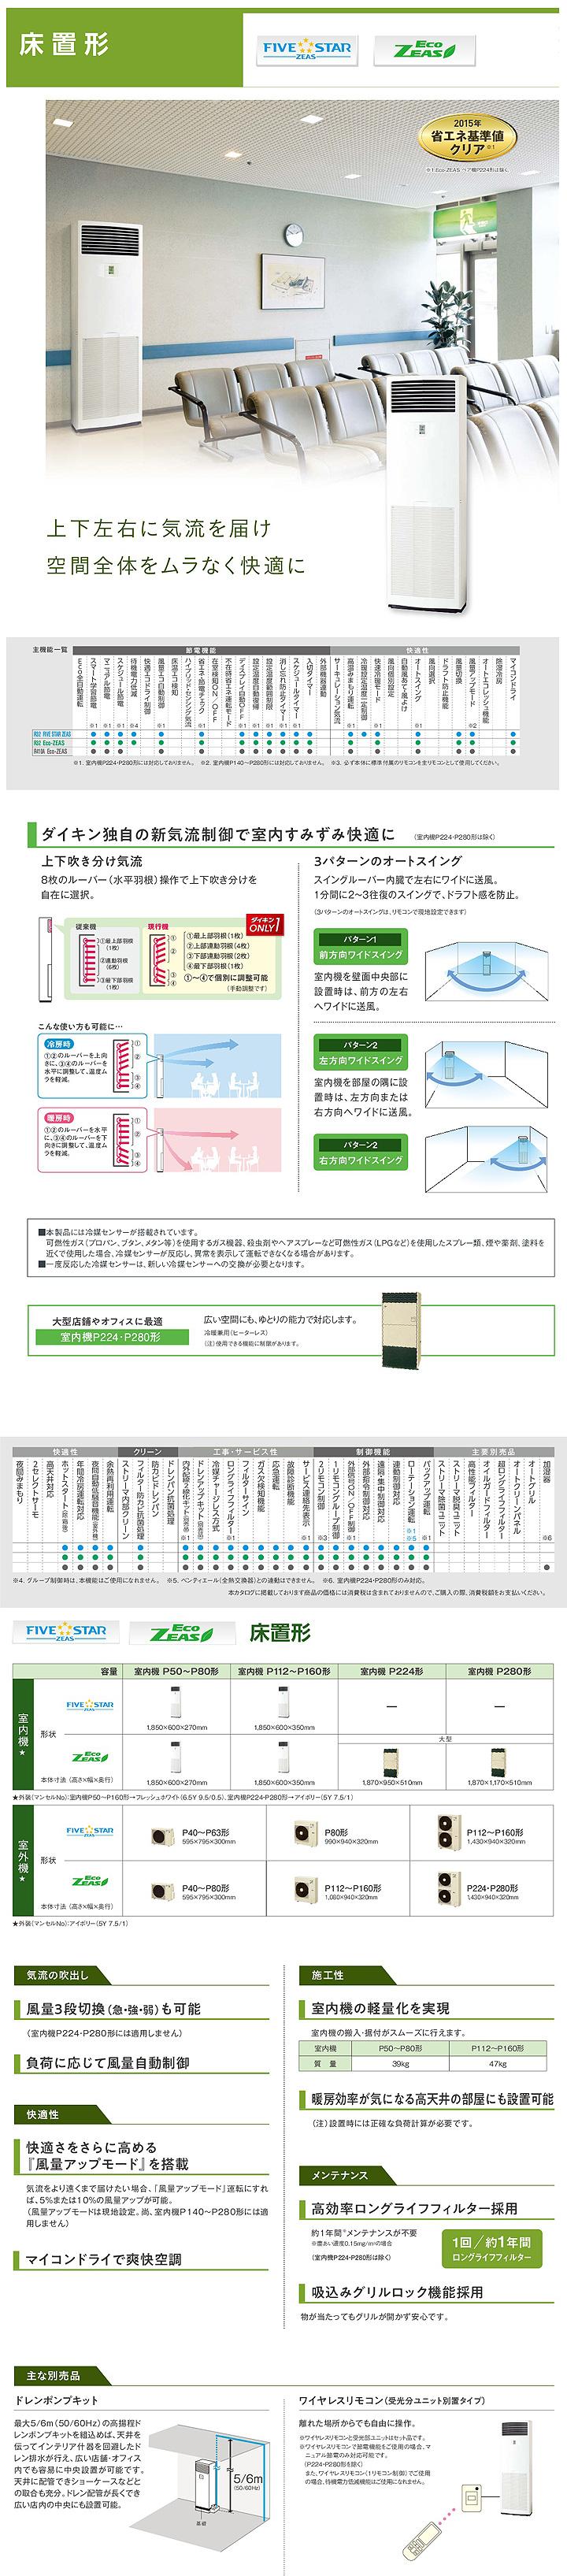 ダイキン SZZV224CJD 業務用エアコン